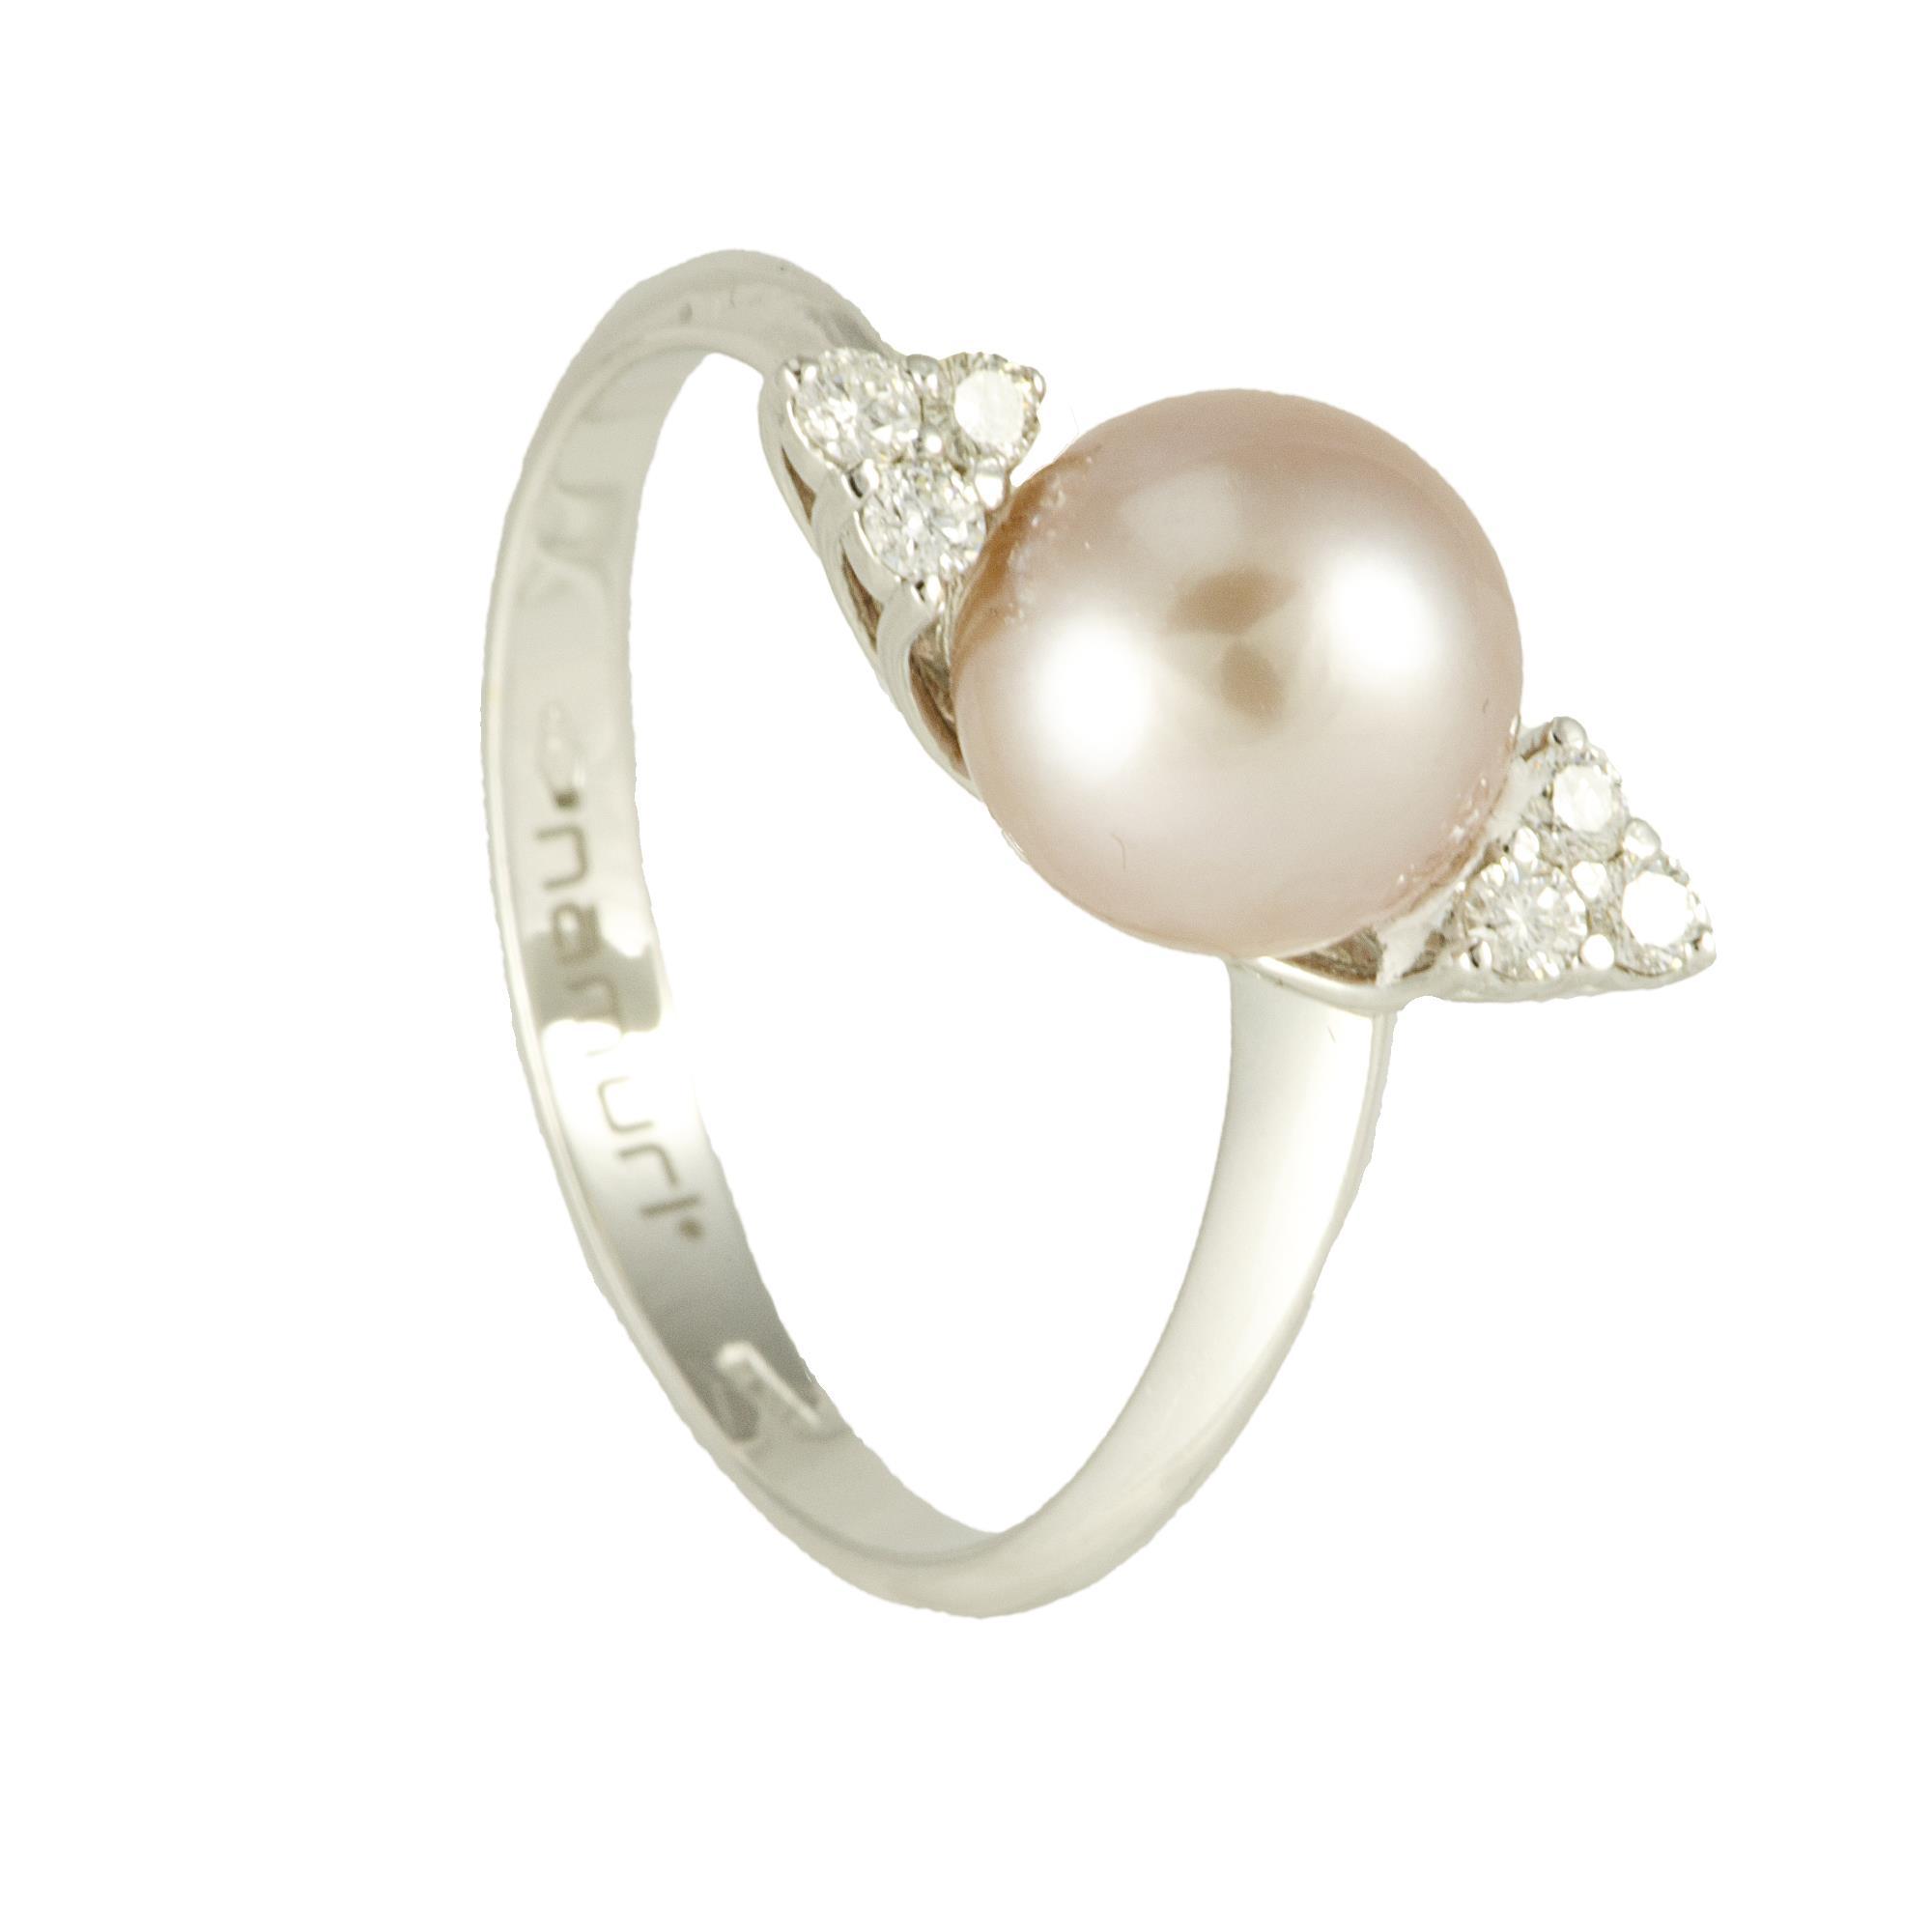 Anello in oro bianco con perla Akoya e diamanti ct 0.16  - ROBERTO DEMEGLIO